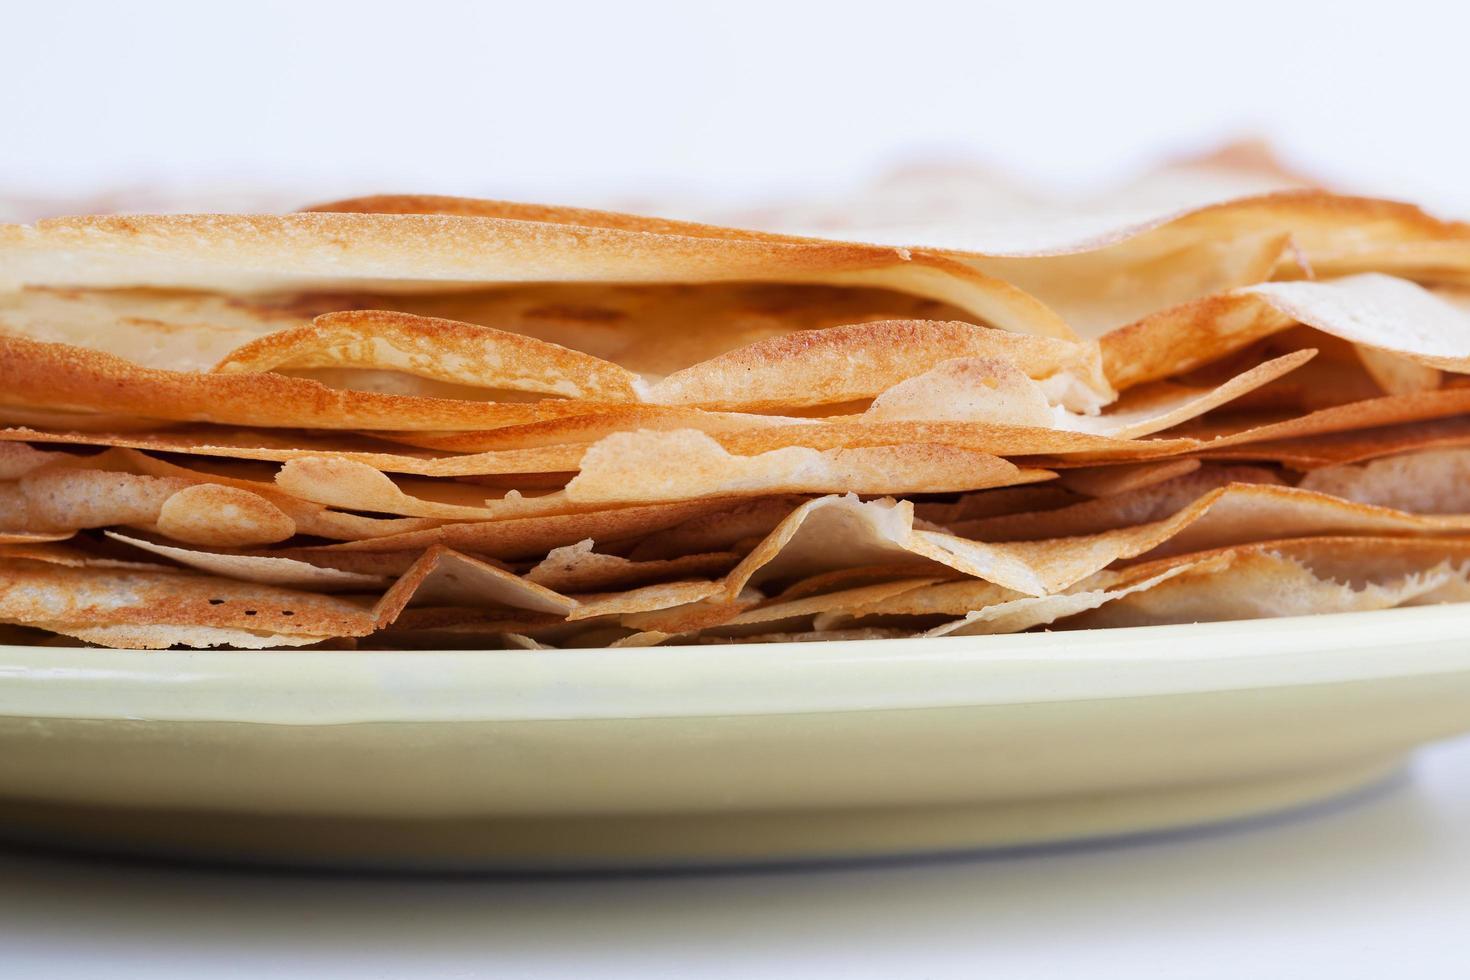 stapel pannenkoeken ligt op een bord foto